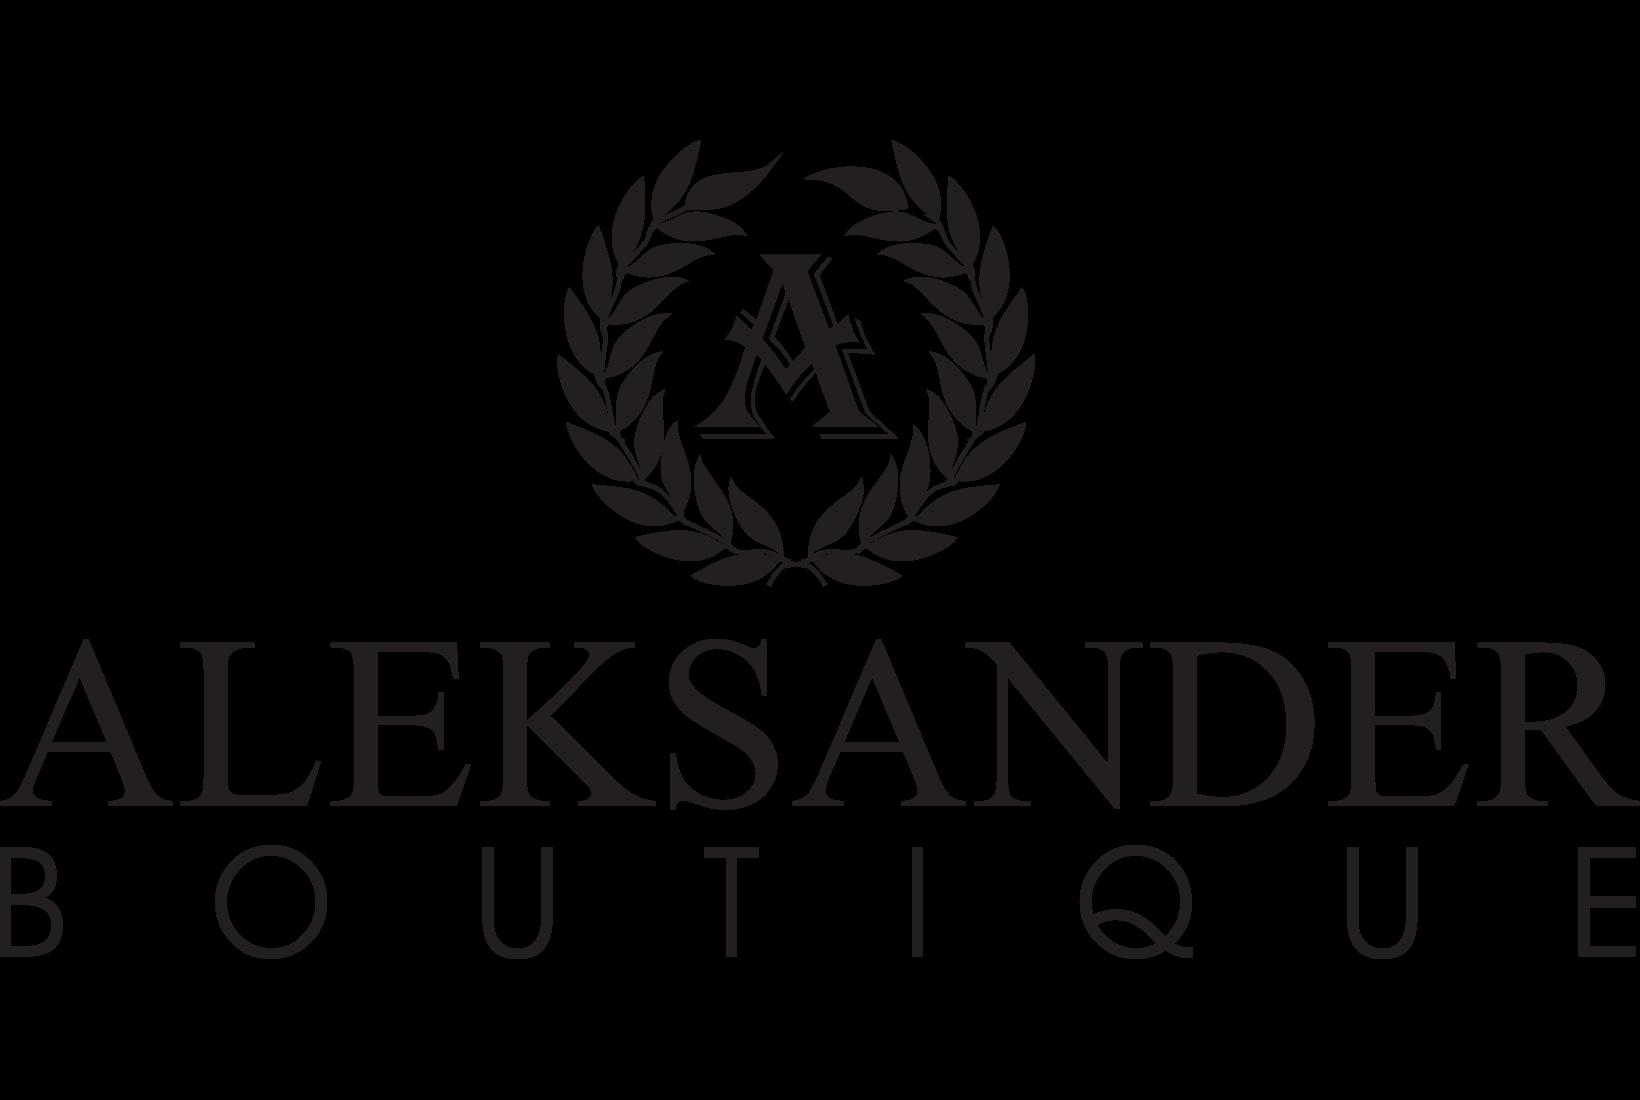 Aleksander Boutique